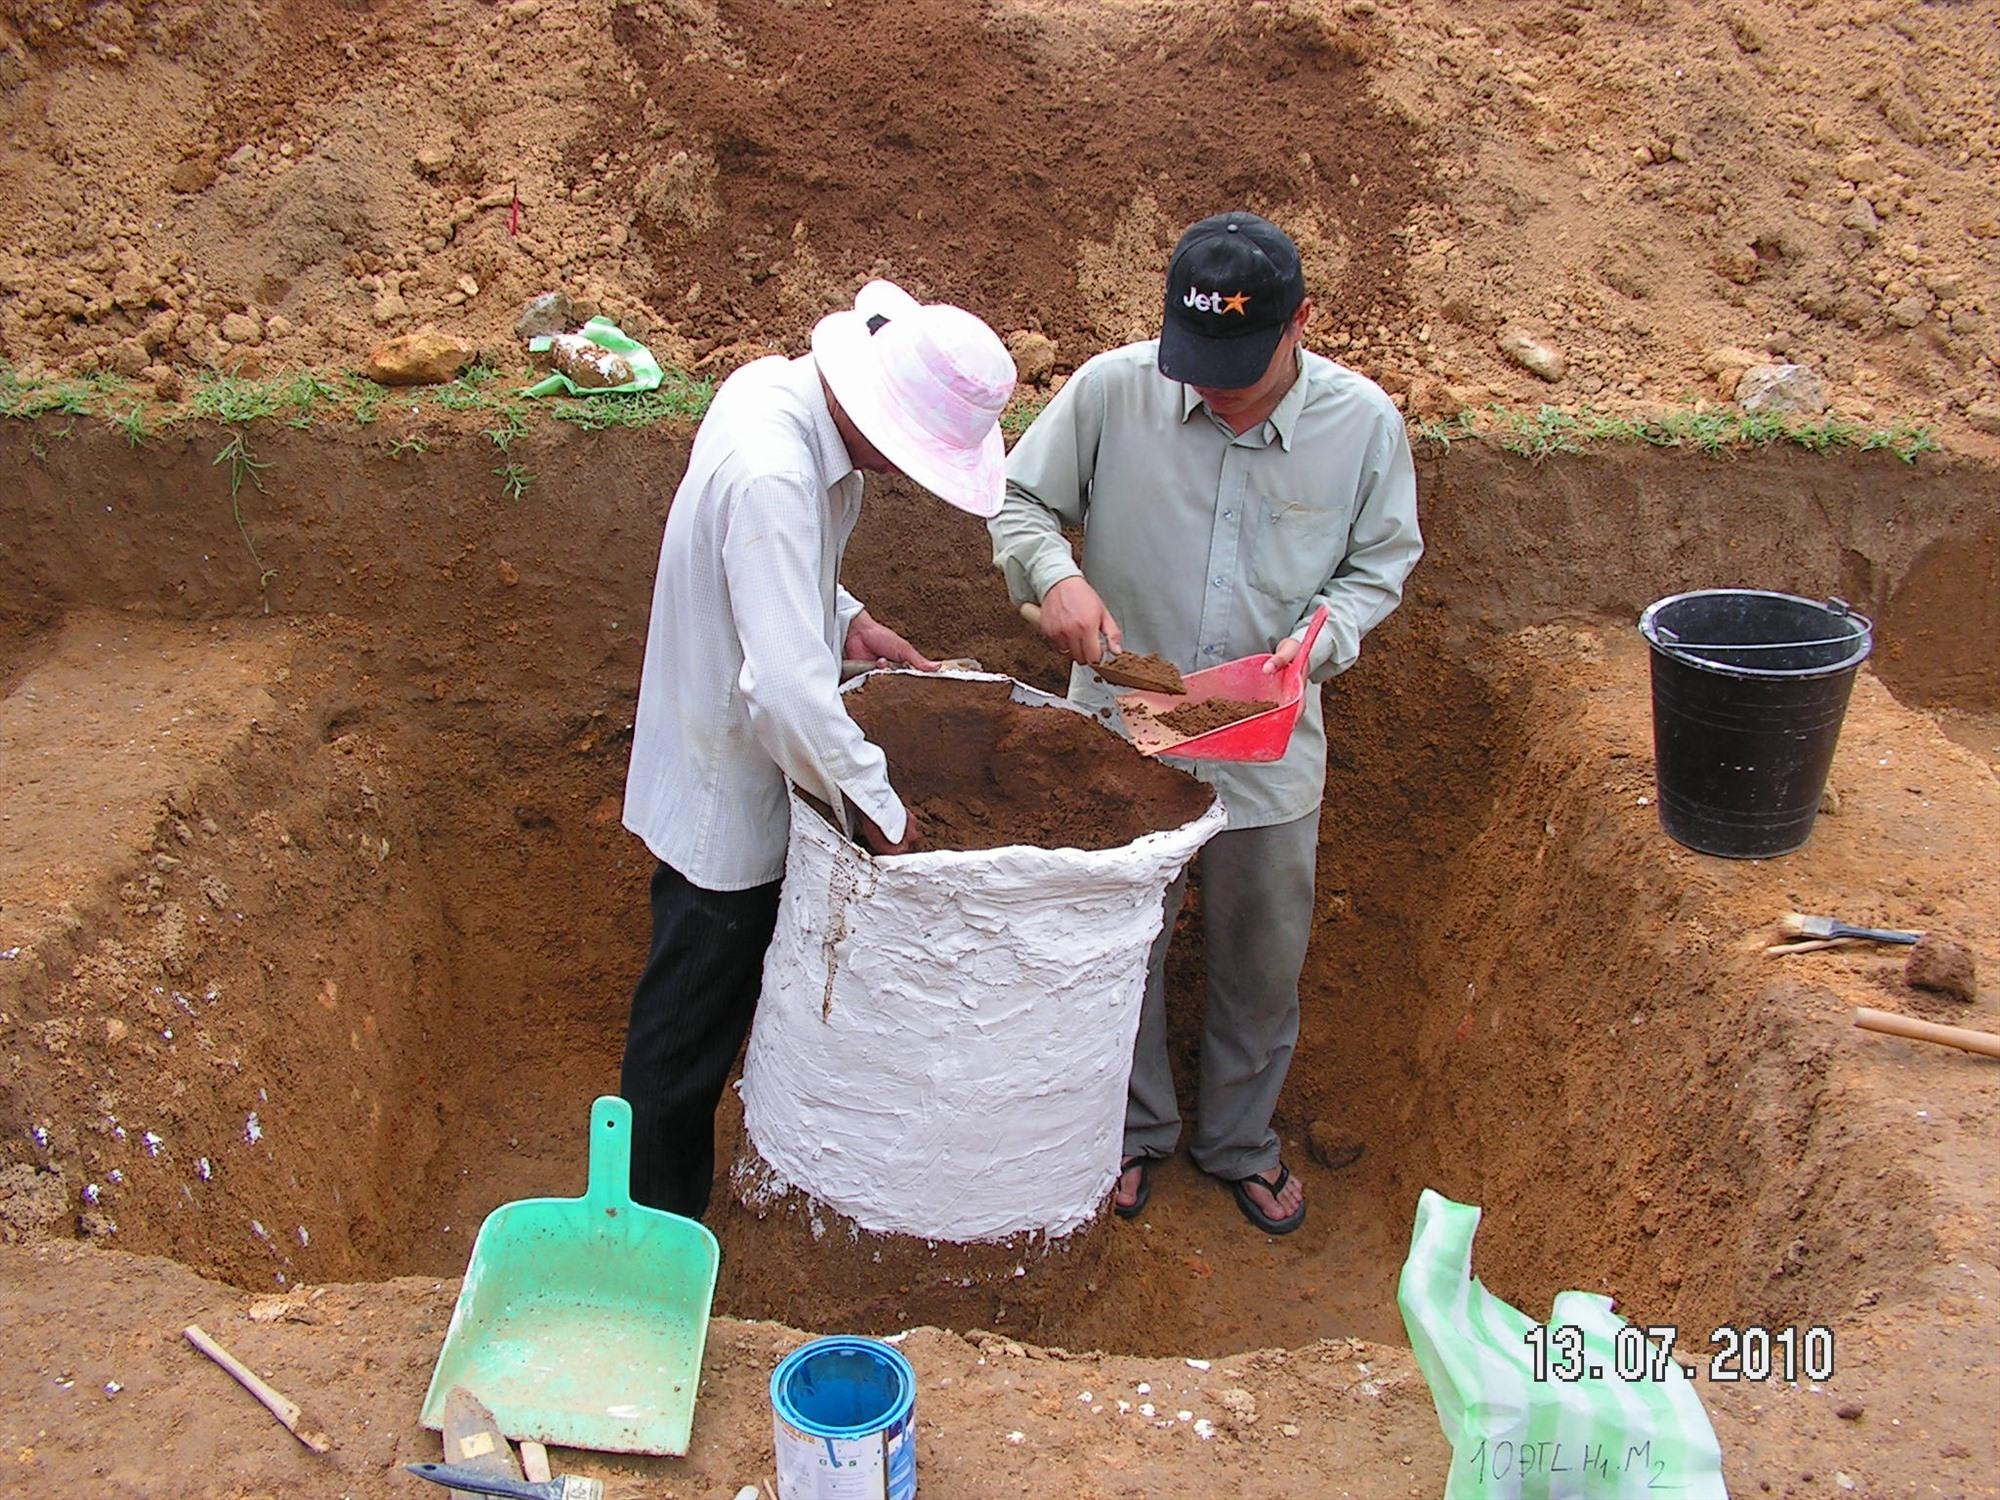 Xử lý mộ chum tại địa điểm Vườn Đình năm 2010.